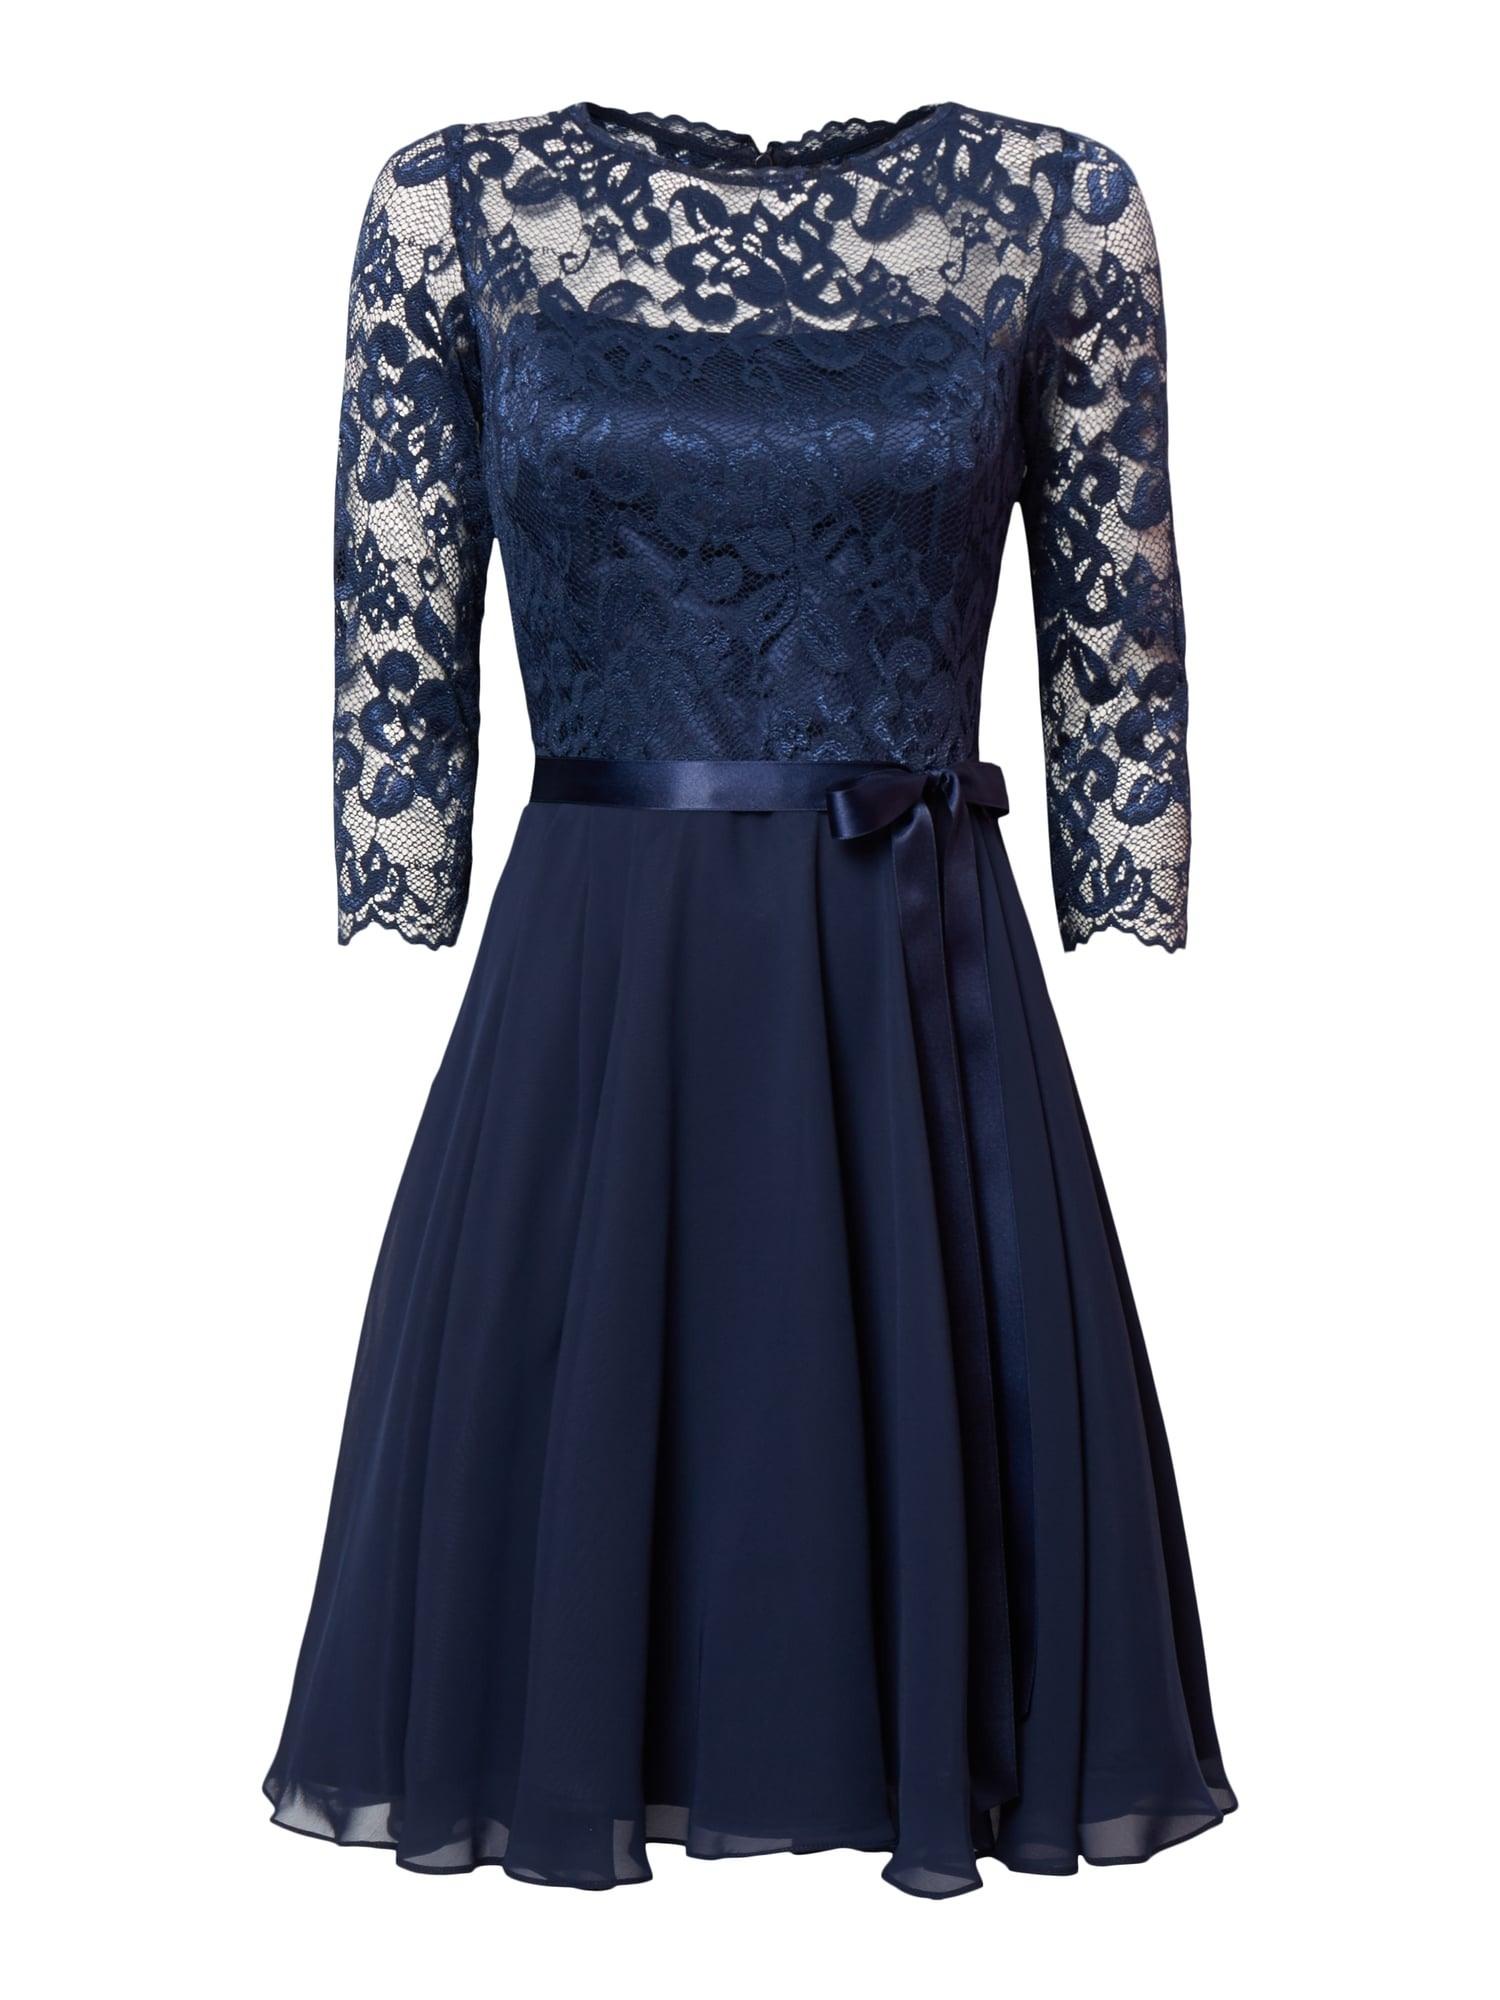 8 Einzigartig Hallhuber Abendkleid Spezialgebiet - Abendkleid